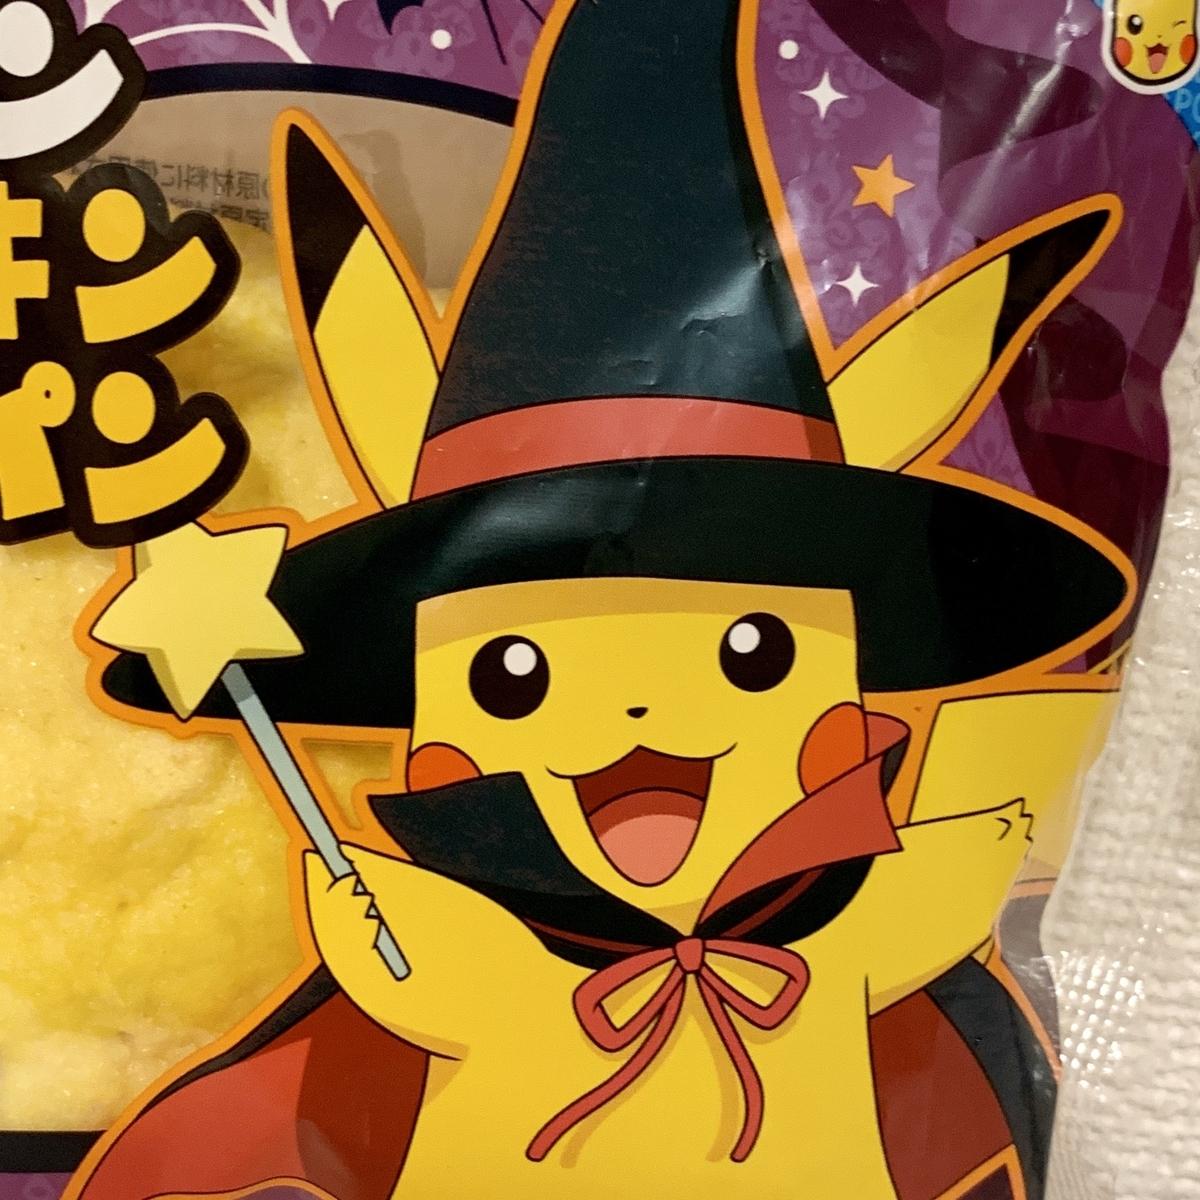 f:id:pikachu_pcn:20200901195322j:plain